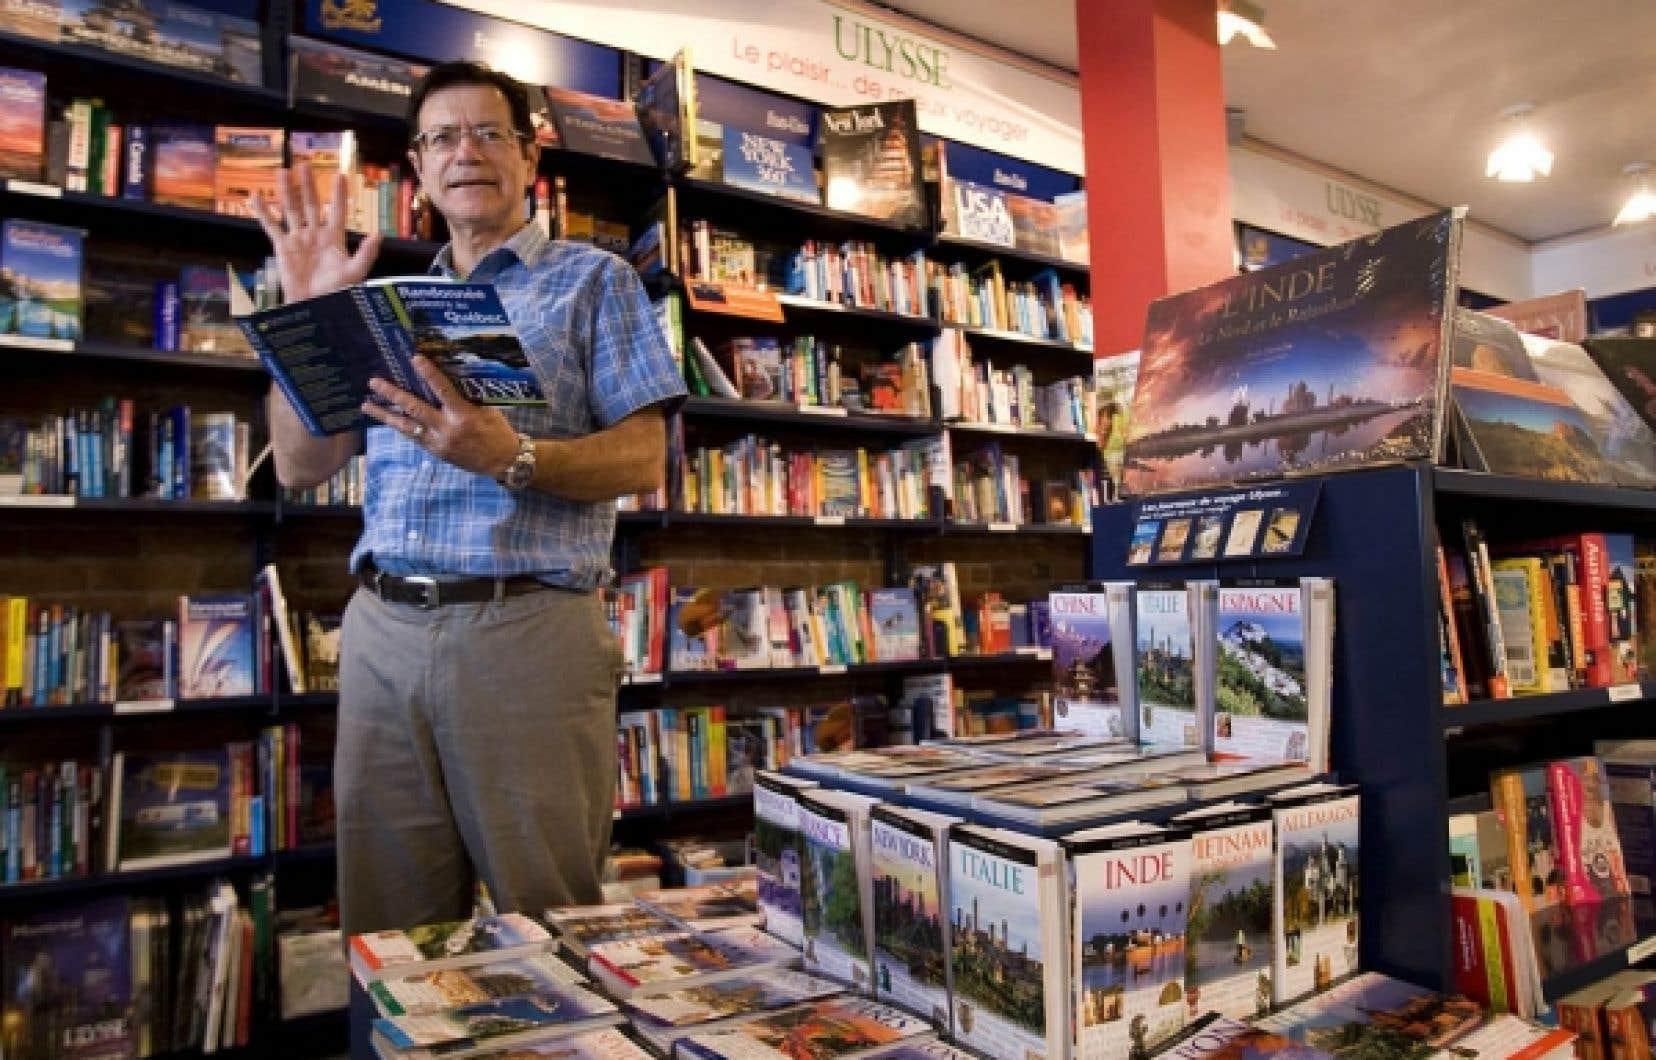 L'entrepreneur Daniel Desjardins a eu l'idée de ce qui deviendra la librairie de voyage Ulysse à l'âge de 24 ans.